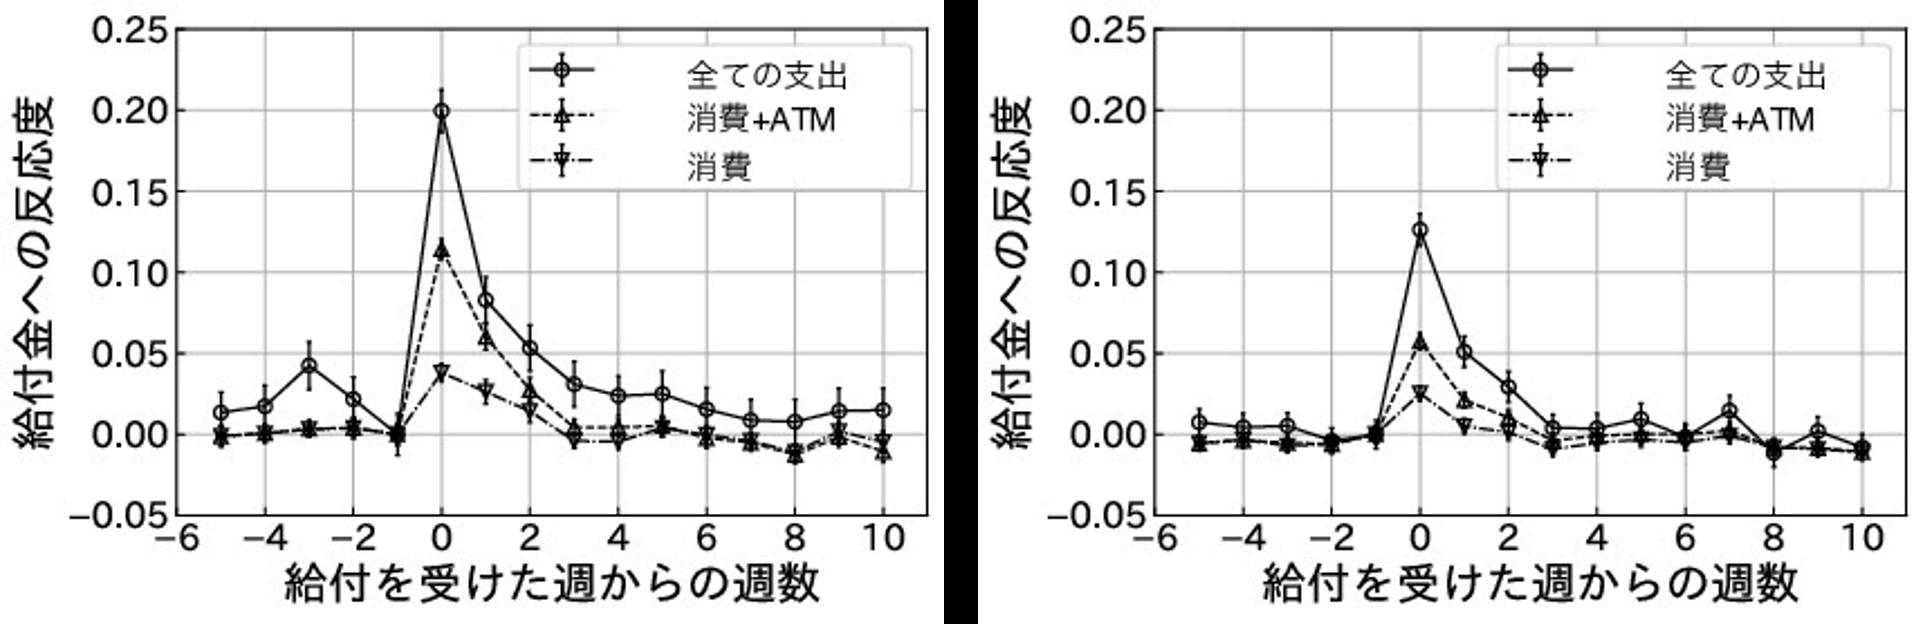 労働所得下位25%グループ(左)と上位25%グループ(右)の反応